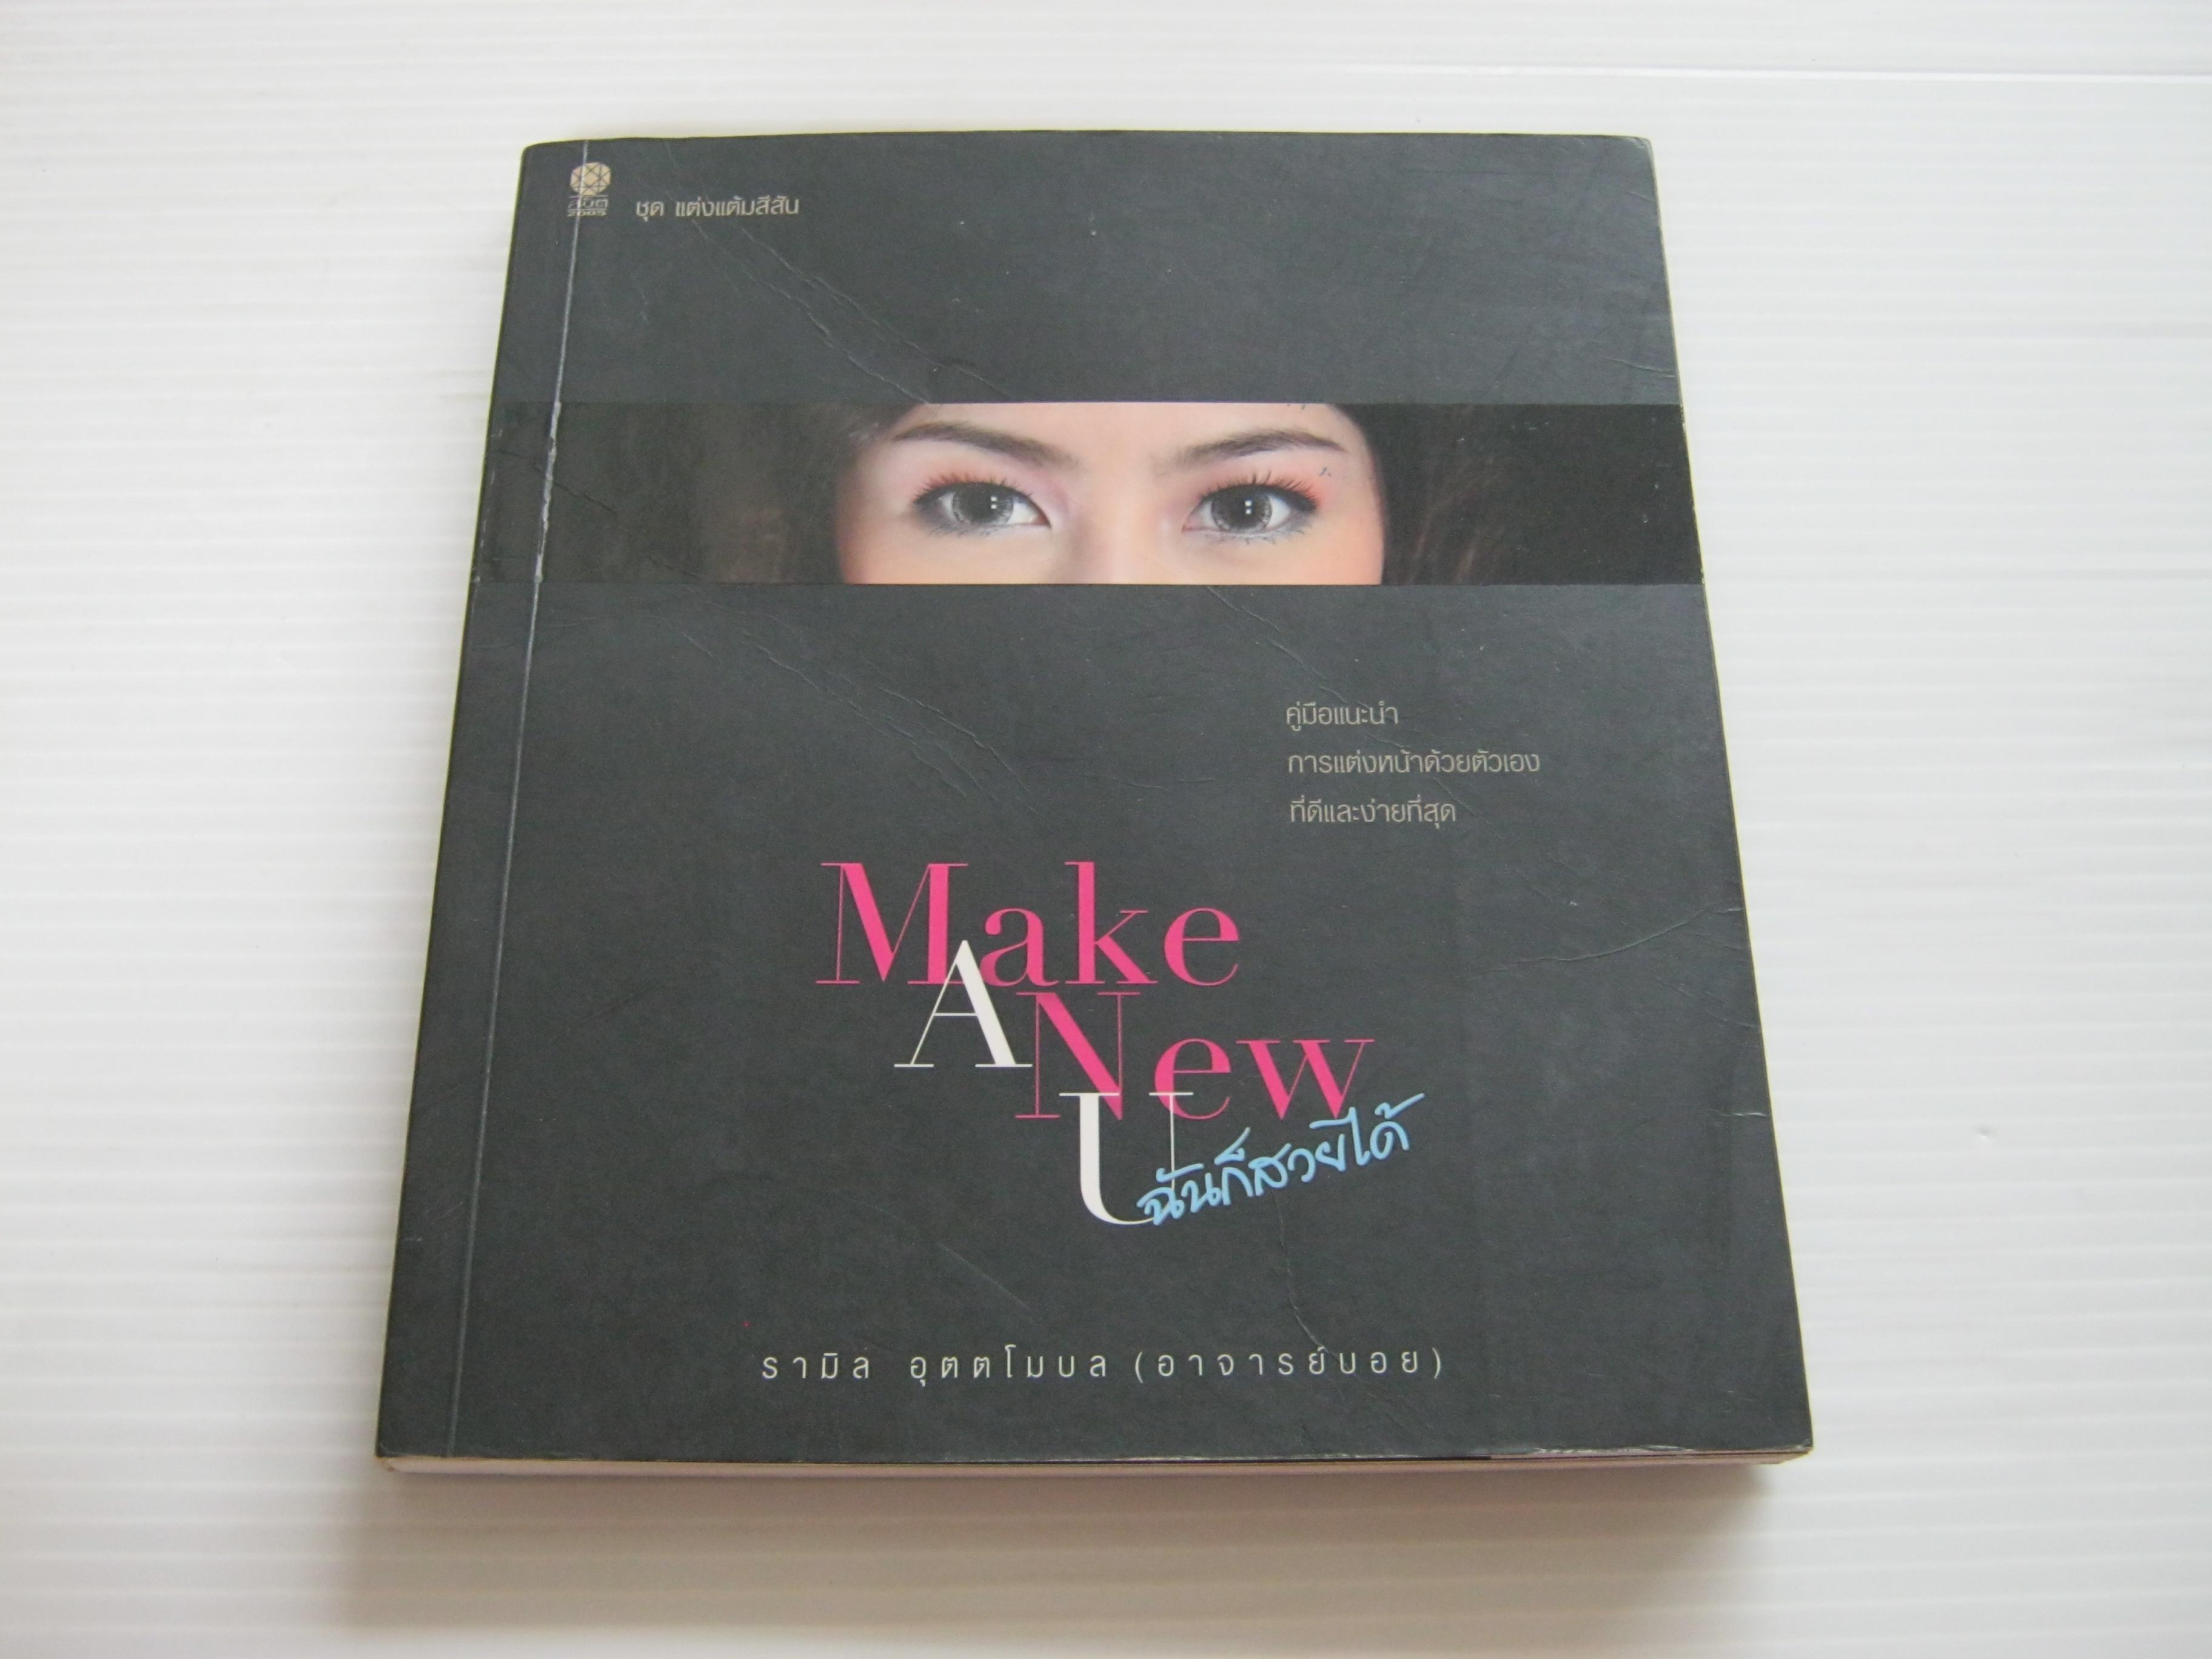 Make A New ฉันก็สวยได้ โดย รามิล อุตตโมบล (อาจารย์บอย) เขียน